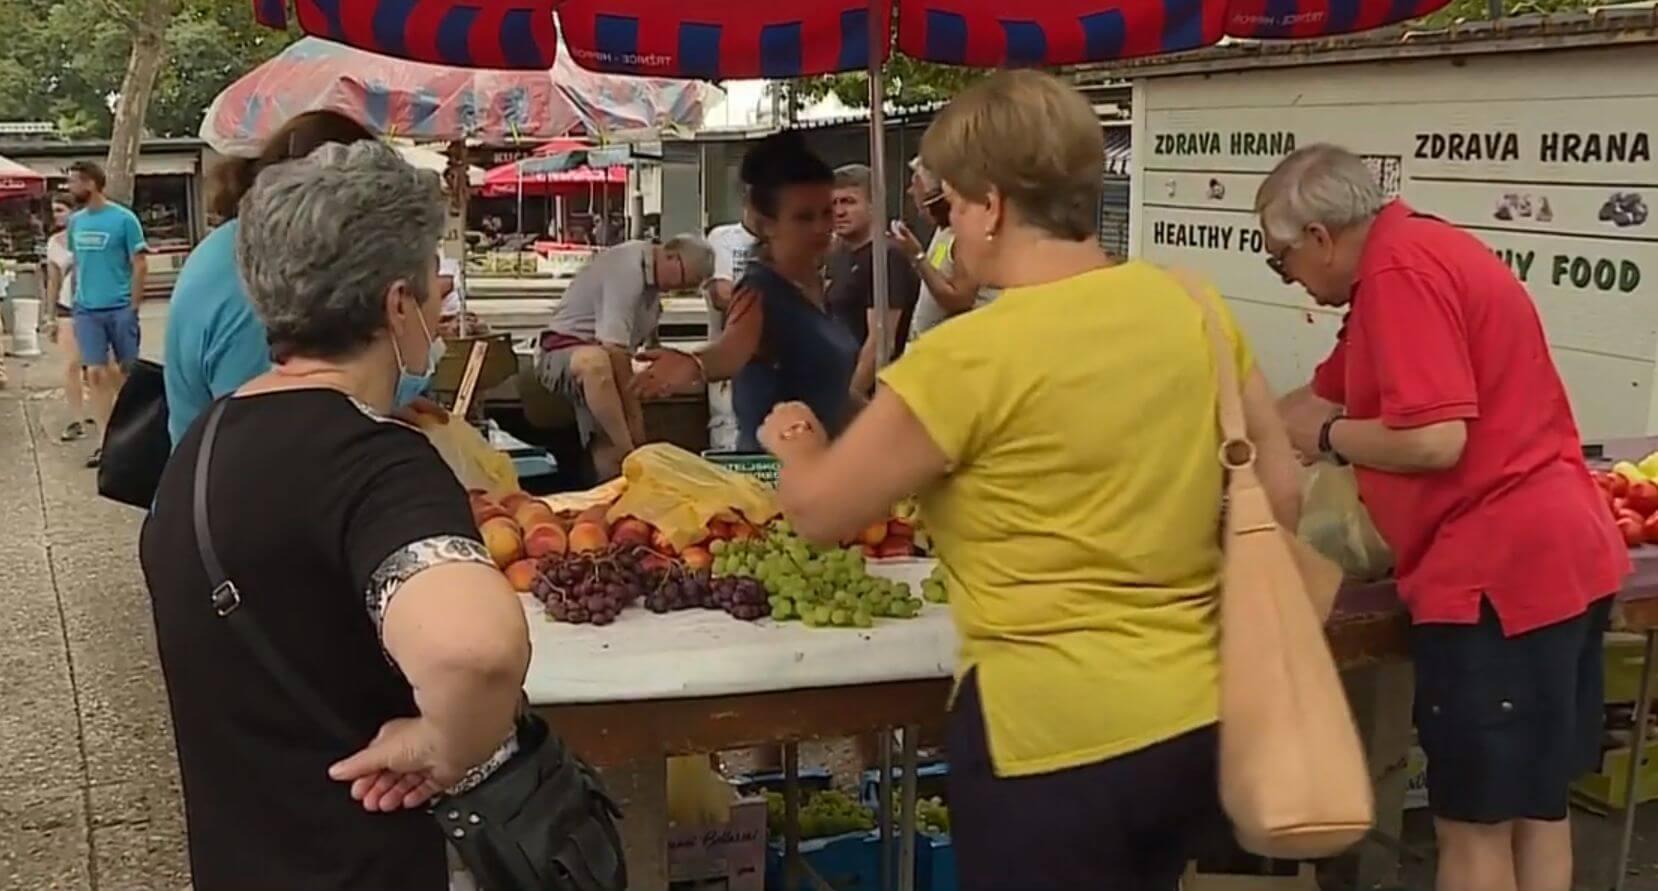 """Umirovljenici o ljetnoj prehrani: """"Jedemo sve najjeftinije, meso si malo možemo dozvoliti"""""""